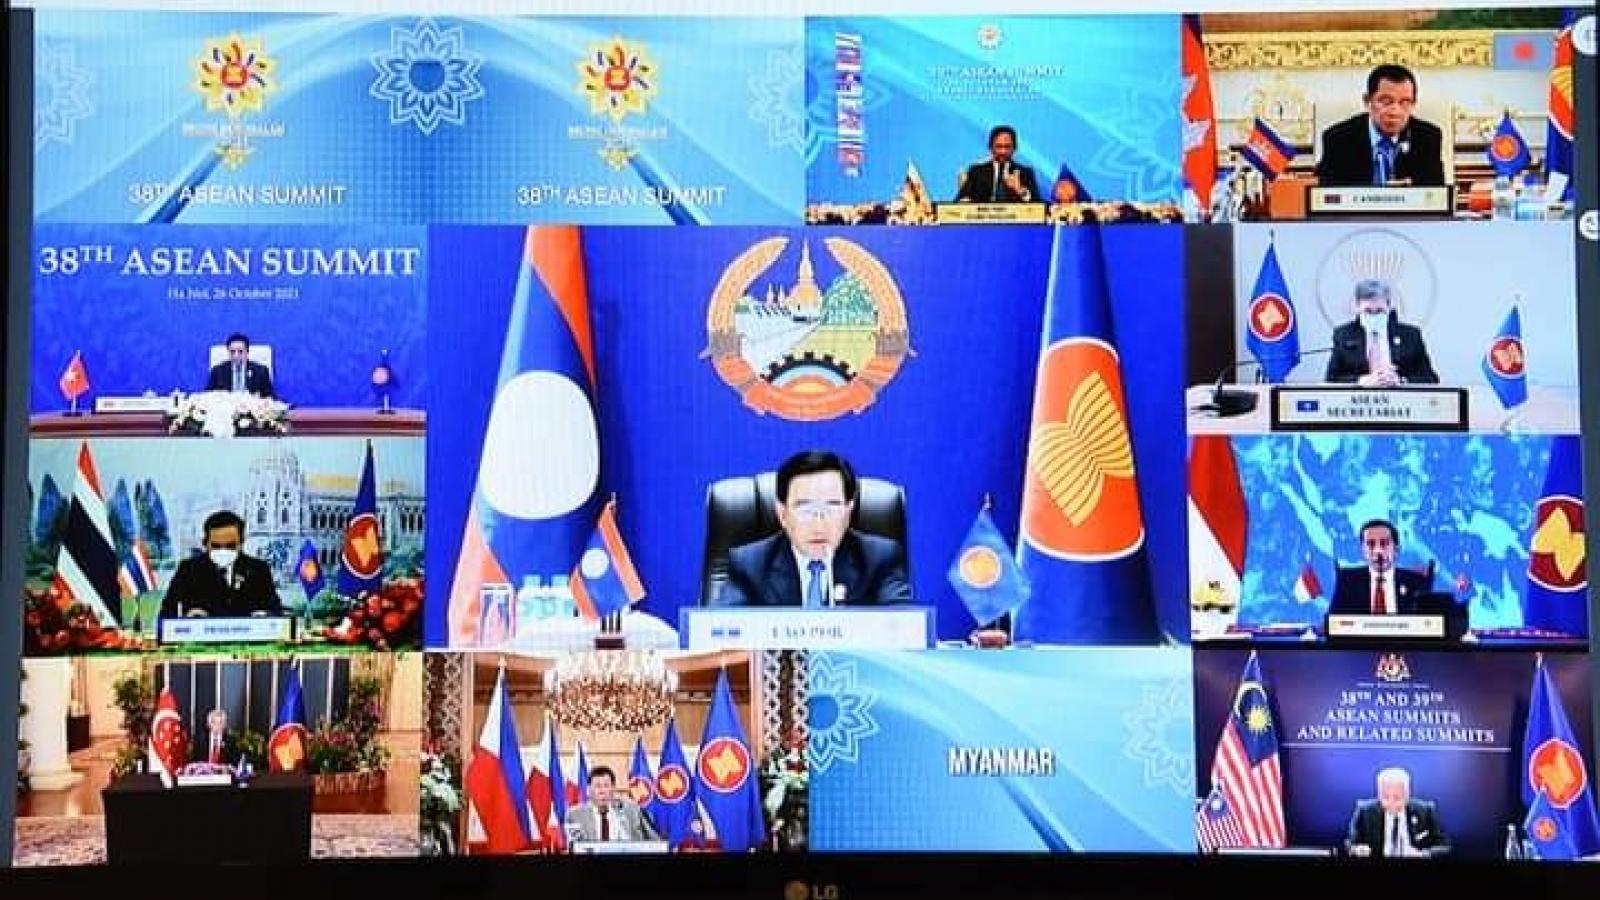 Lào ủng hộ nỗ lực chung của ASEAN trong các trường hợp khẩn cấp về y tế